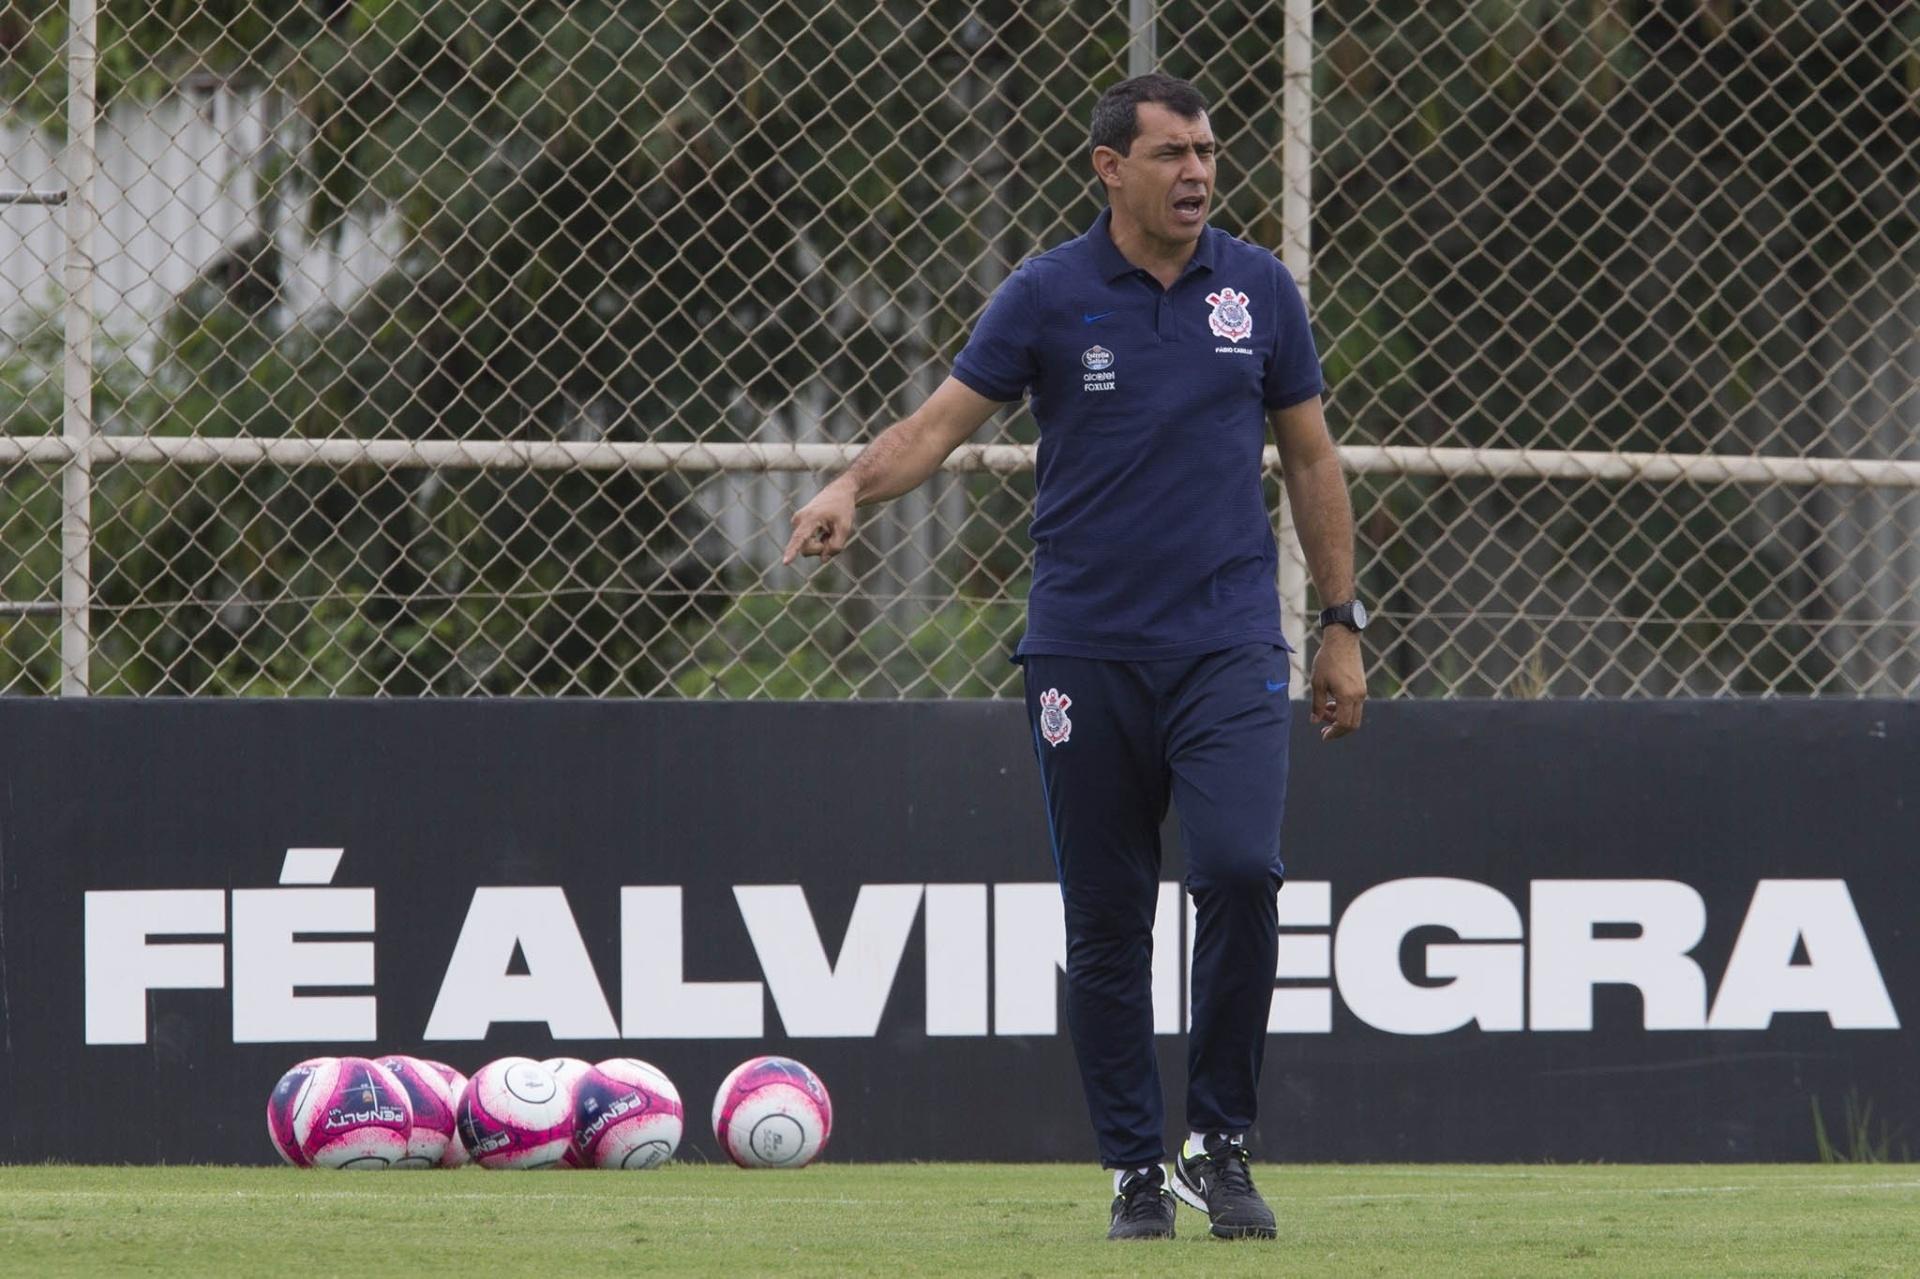 De novo na Flórida  o que Carille espera da pré-temporada do Corinthians -  08 01 2018 - UOL Esporte 510e0bb7b6479